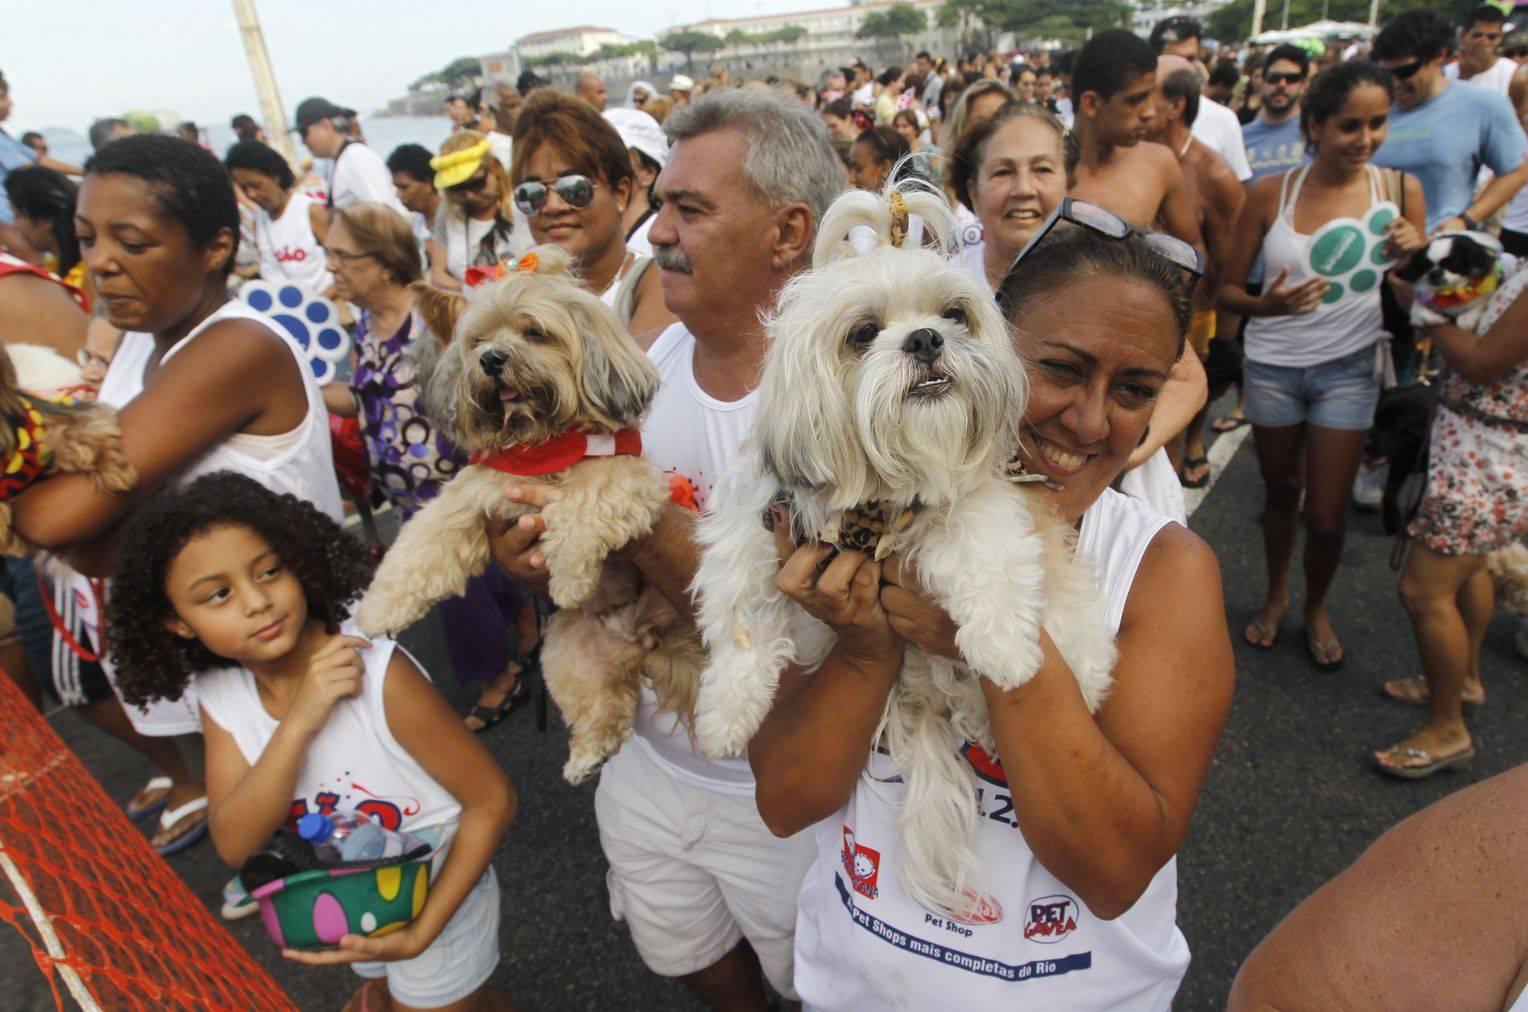 Бразильский карнавал в рио-де-жанейро 2021: даты, календарь, билеты онлайн